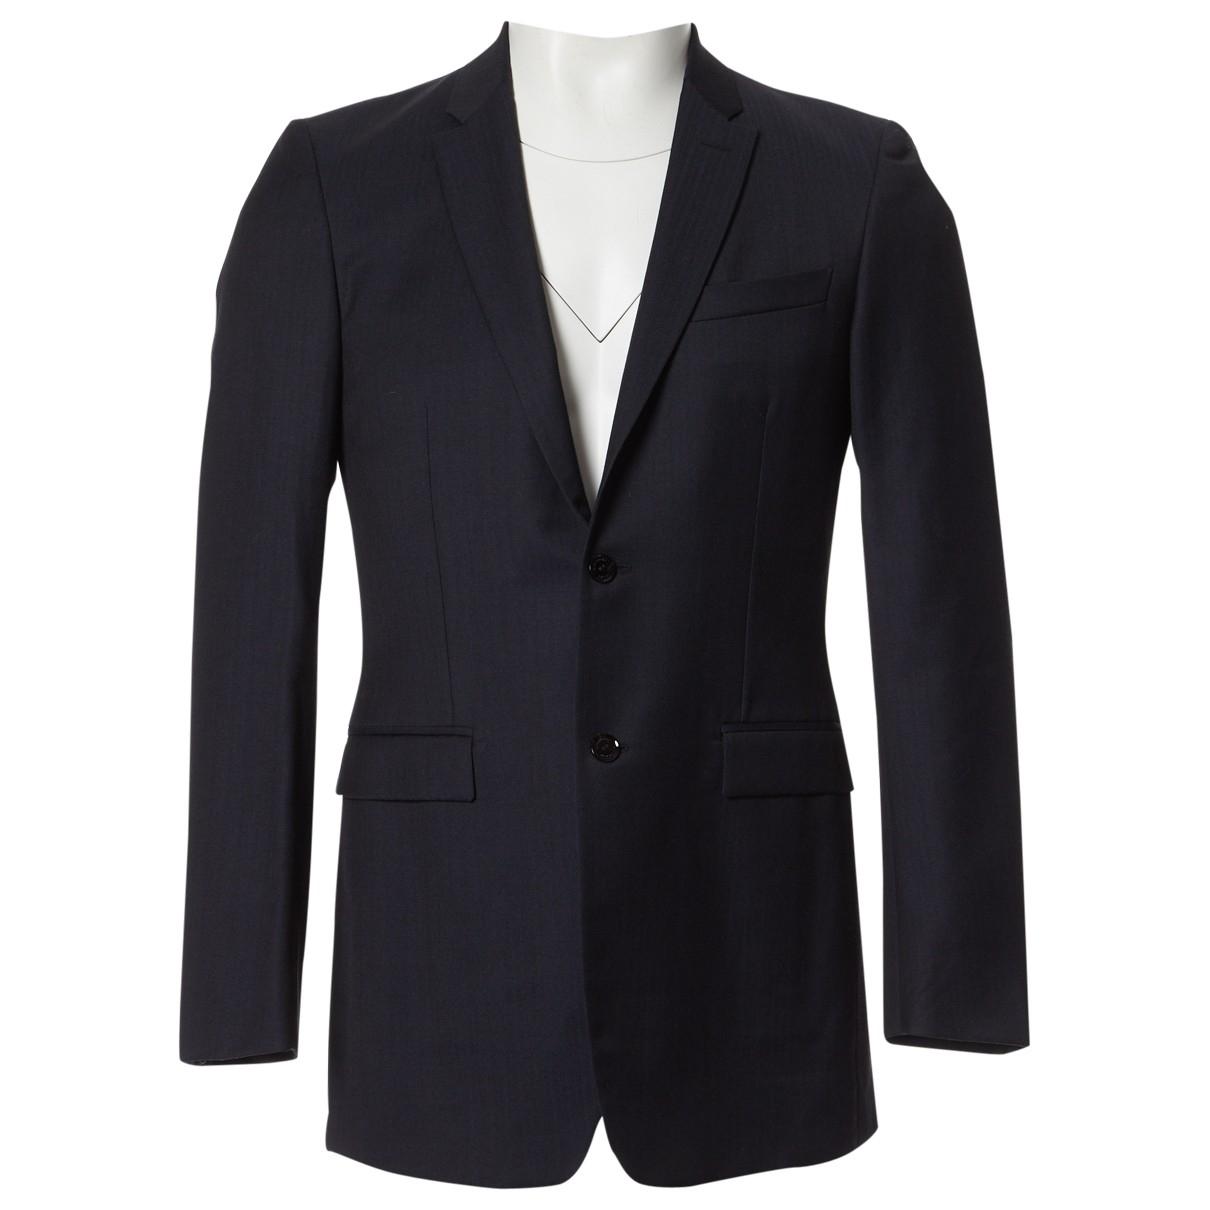 Burberry - Vestes.Blousons   pour homme en laine - noir